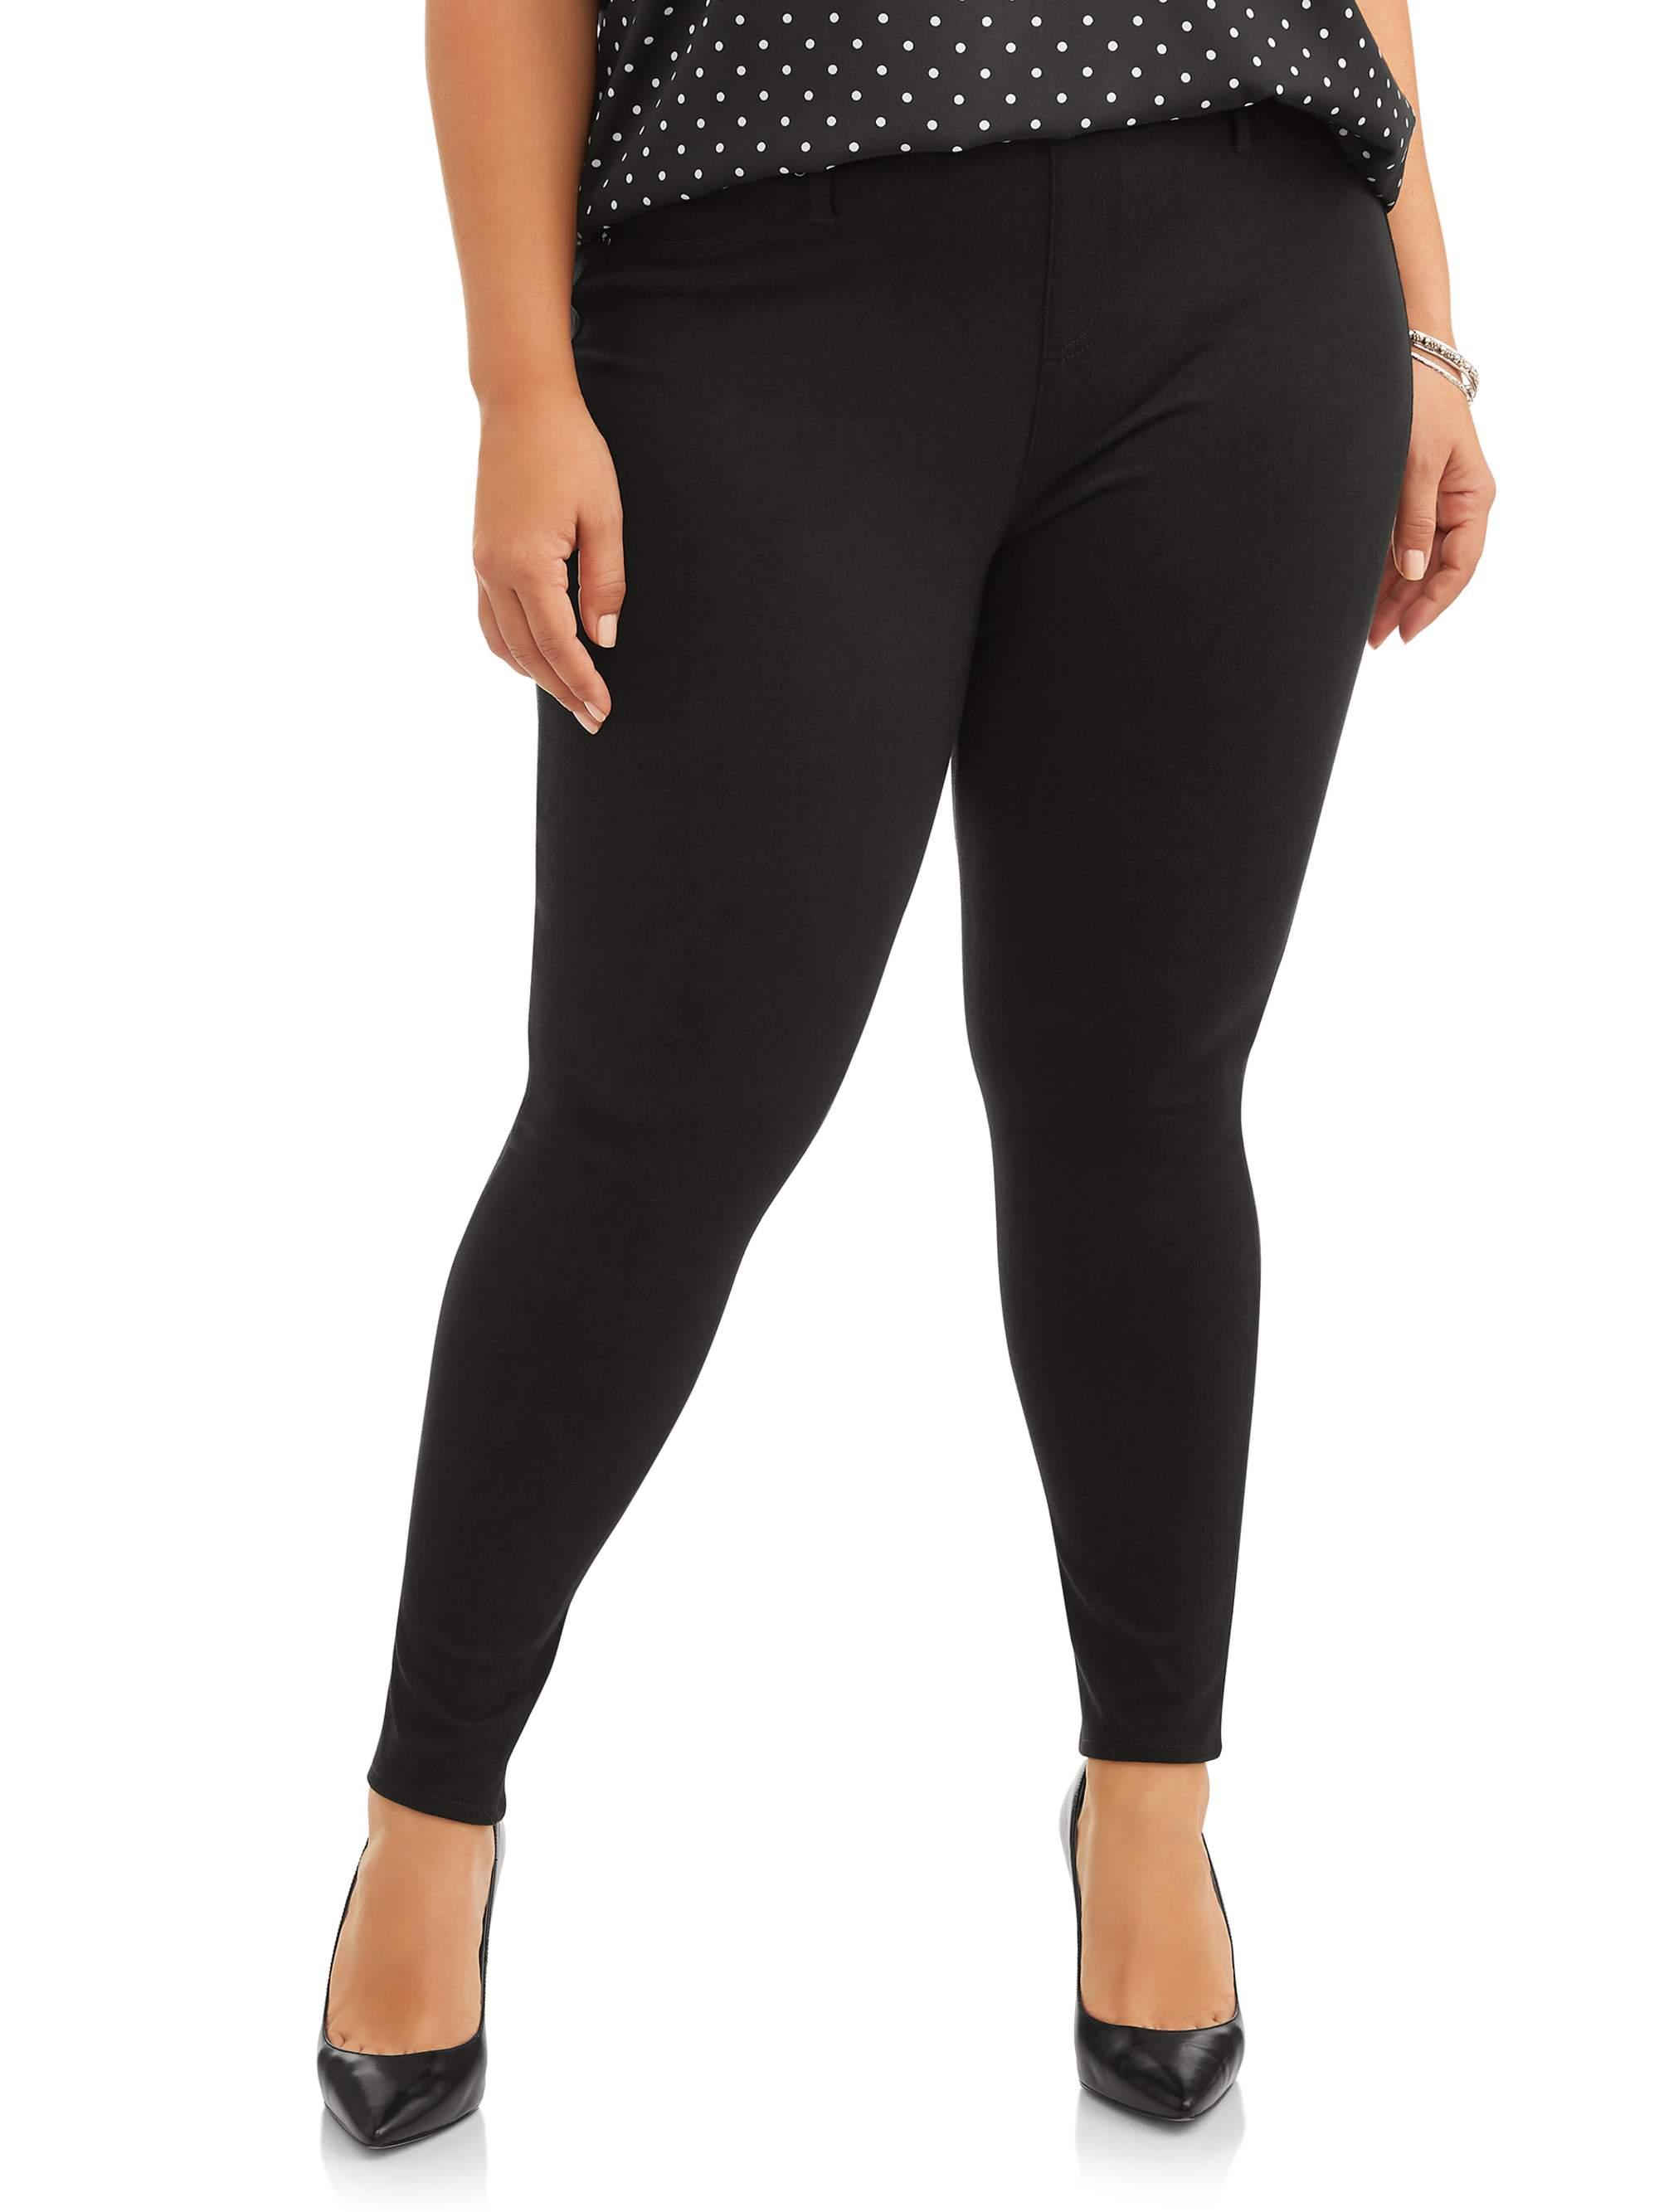 Terra & Sky Terra & Sky Women's Plus Size Full Length Super Soft Jegging